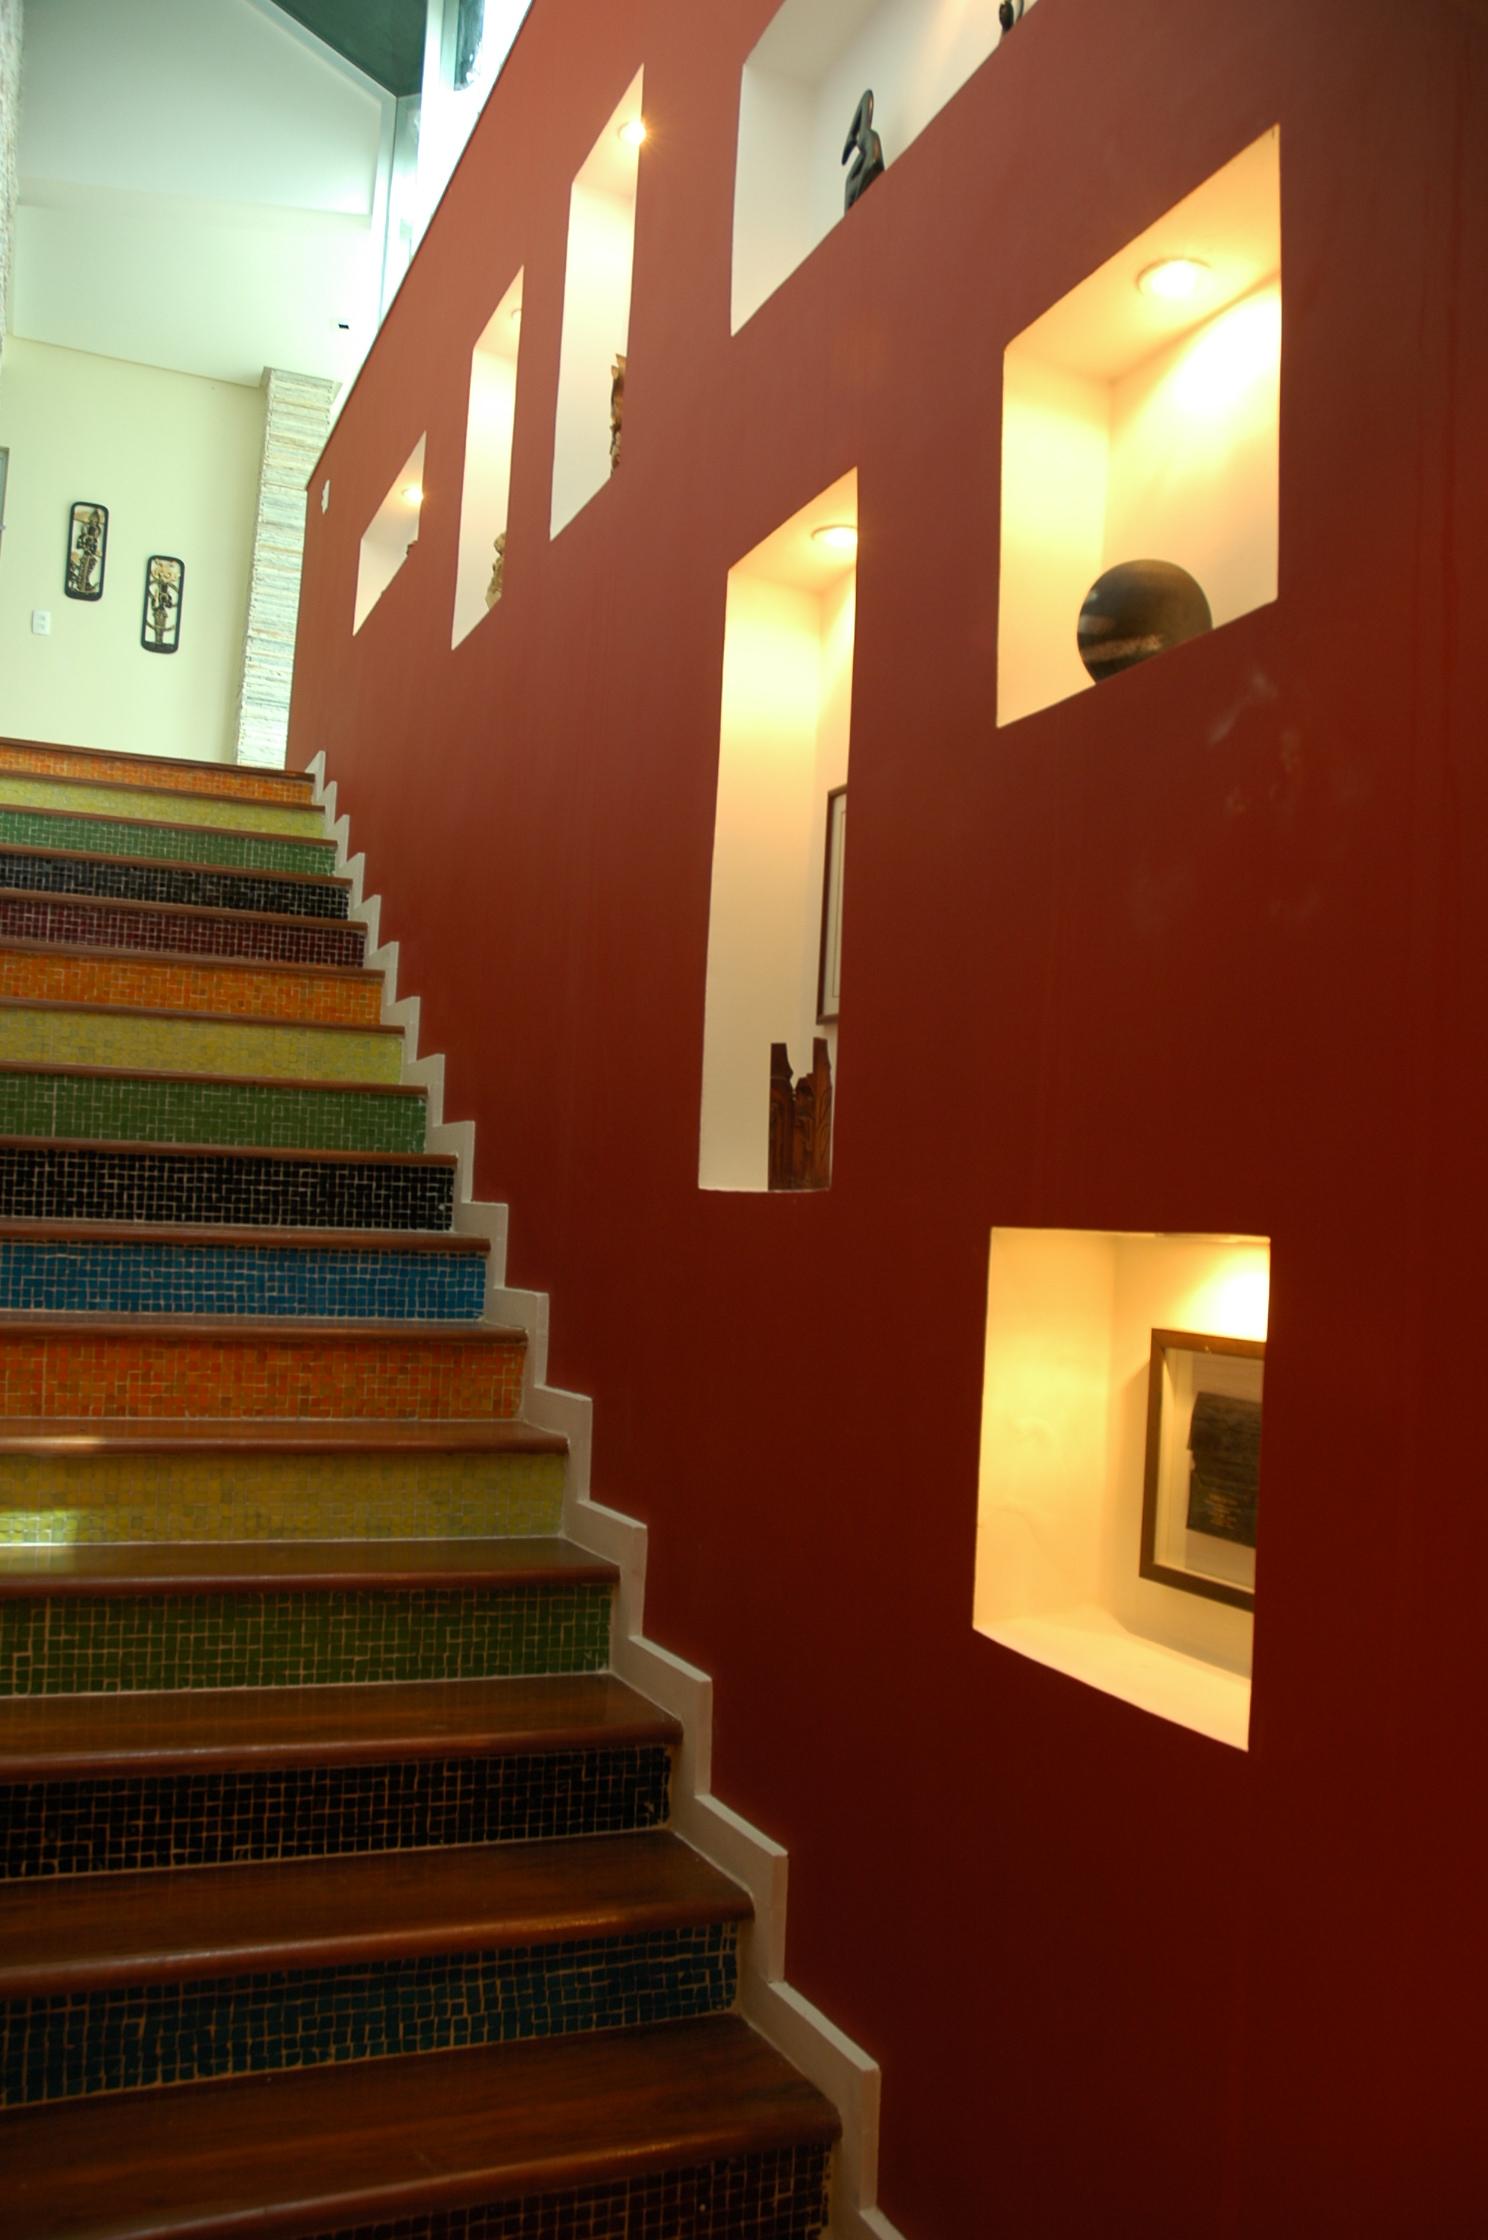 RBH escada inferior noite